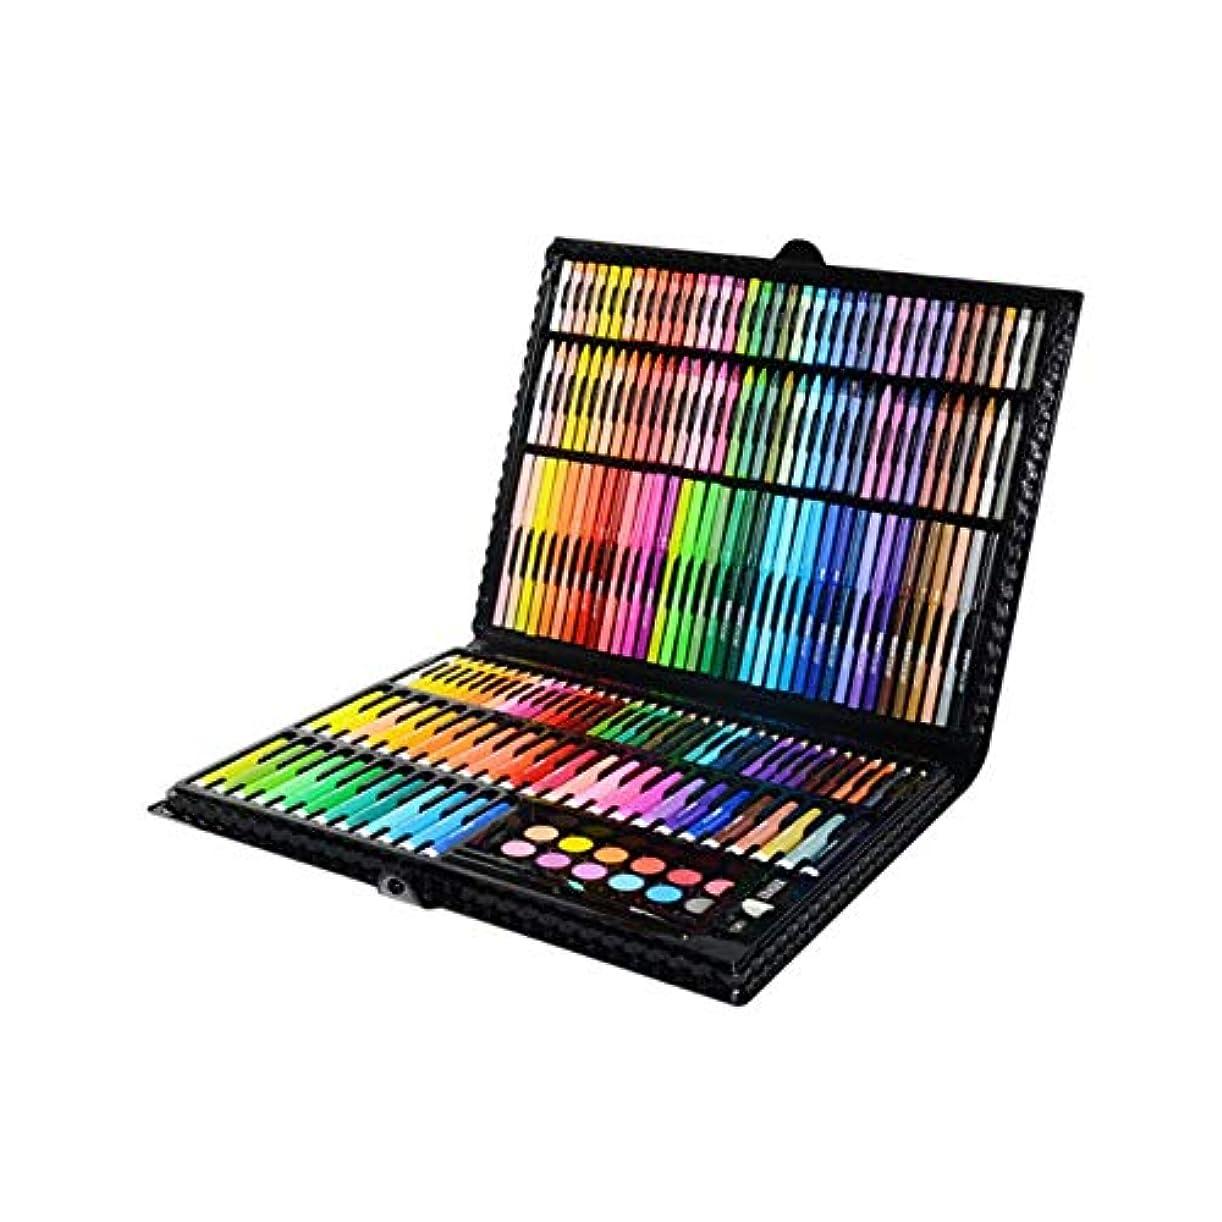 翻訳者飼料下るWuhuizhenjingxiaobu001 ペイントブラシ、学生用ブラシセット202色の36色塗装セット、環境にやさしい素材を使用して練習用の塗装セットを作成(202個36色、39 * 5 * 29cm) 良い着色効果 (Color : Black, Size : 39*5*29cm)